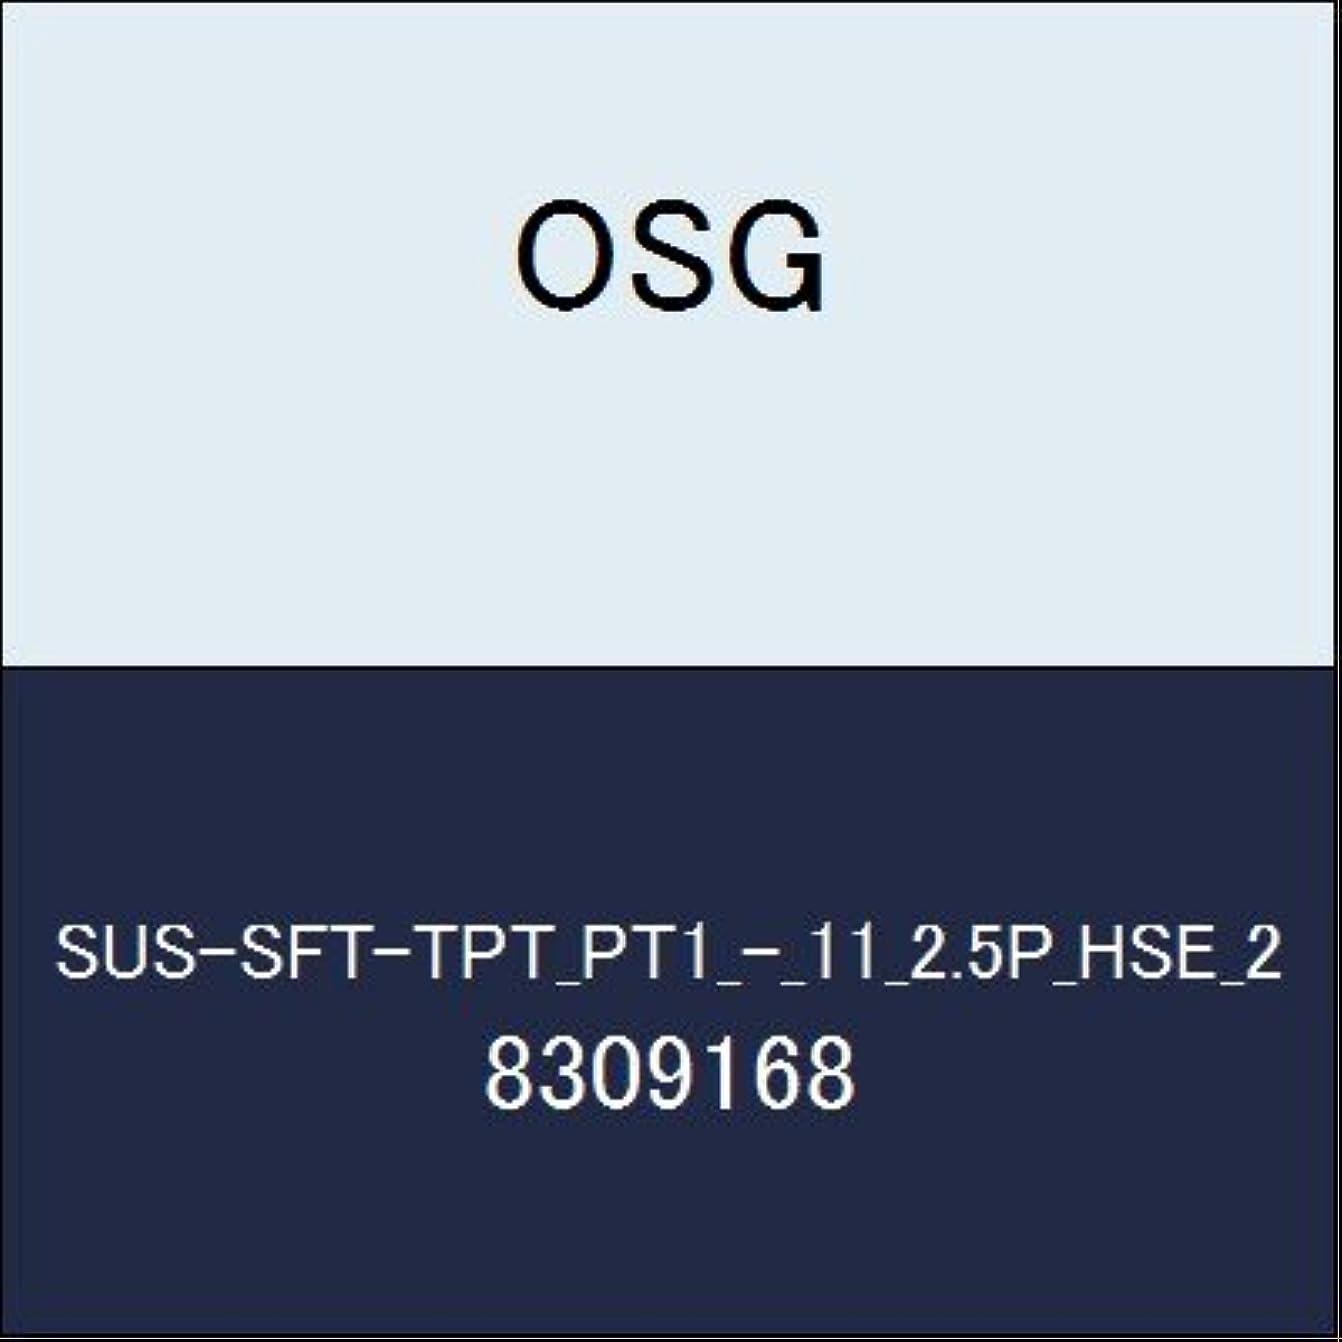 なぜ夕暮れ電気技師OSG ハイス管用テーパタップ SUS-SFT-TPT_PT1_-_11_2.5P_HSE_2 商品番号 8309168